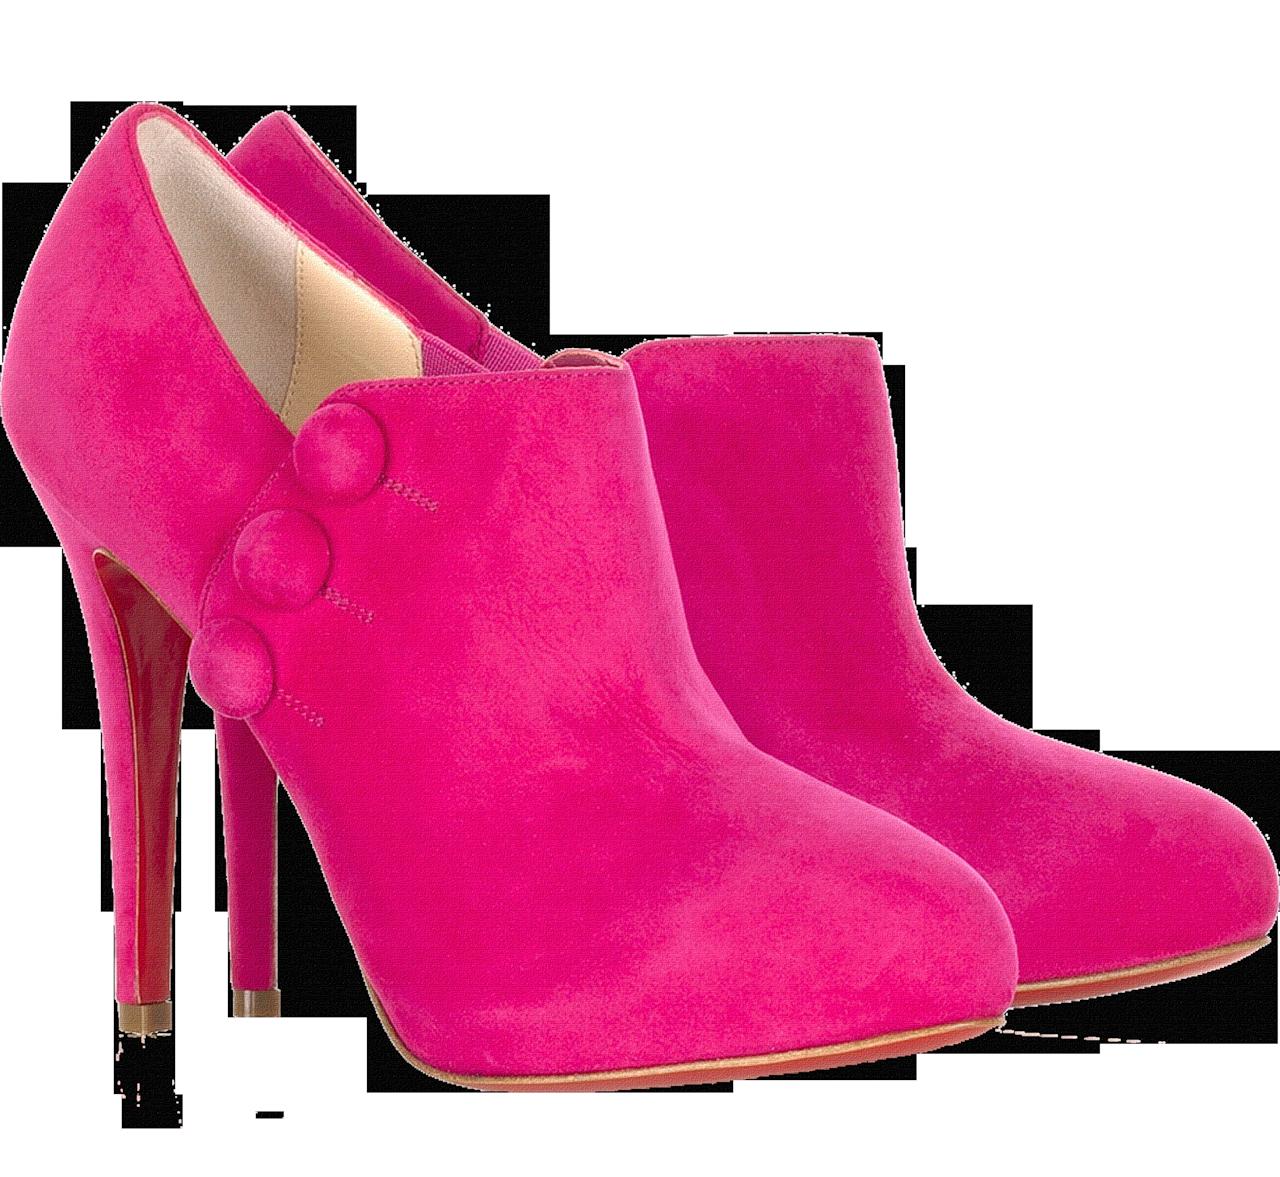 Pink clipart stilettos. Women shoes png images